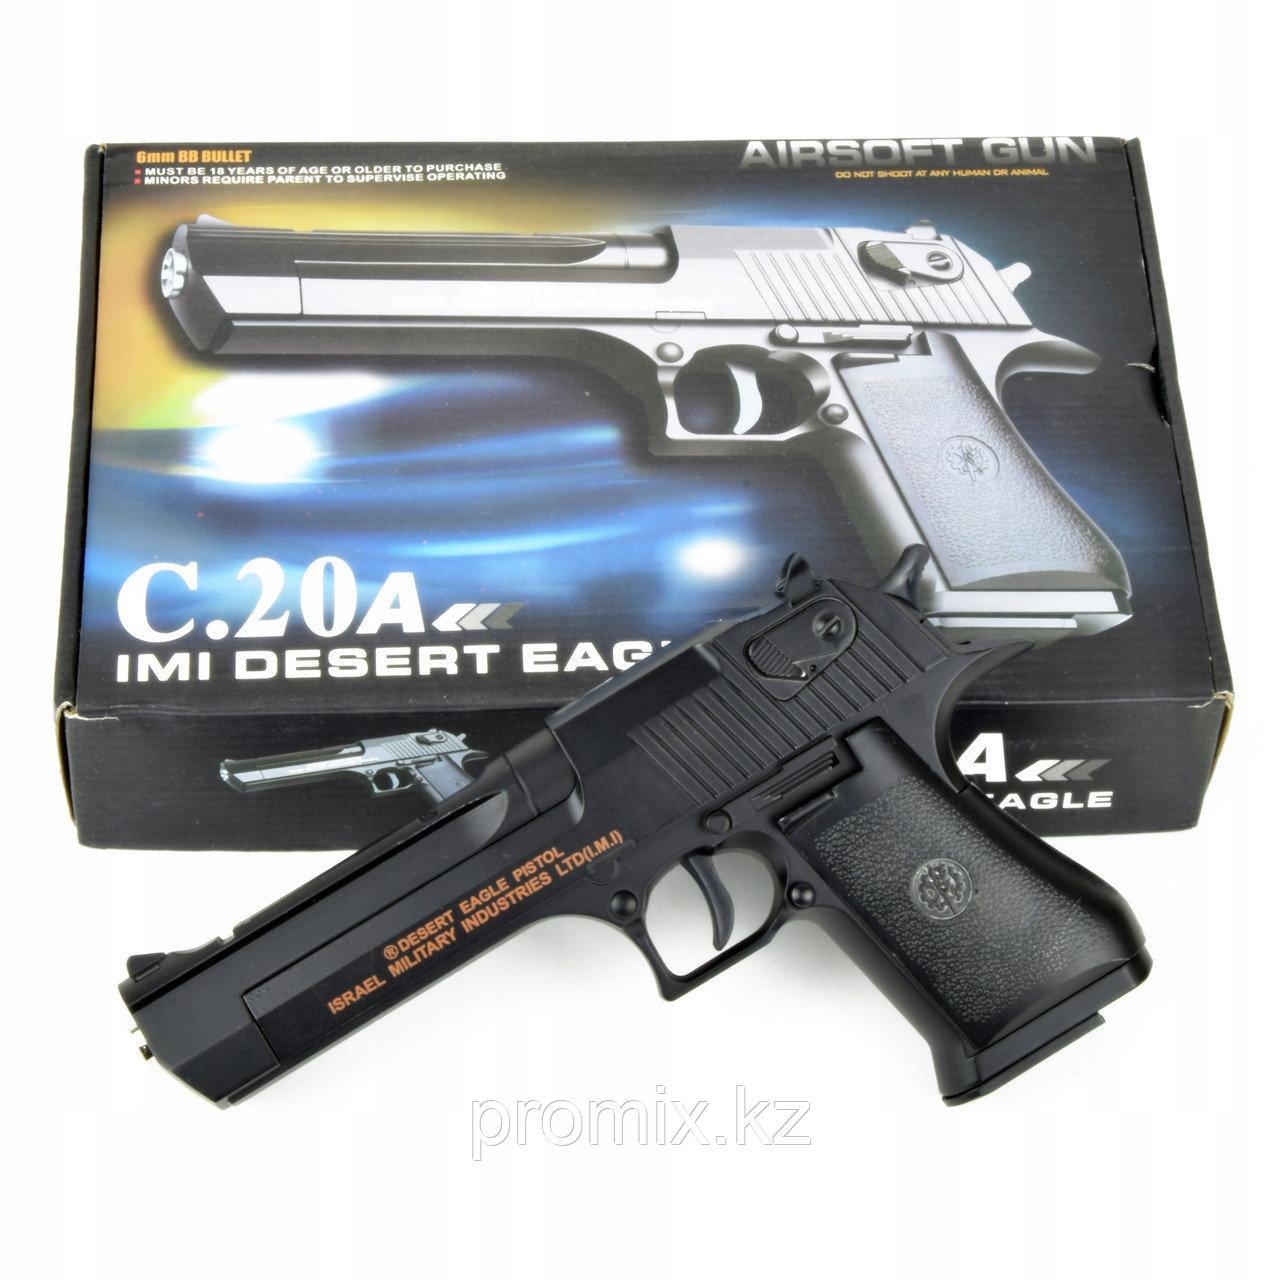 Игрушечный железный/металлический пистолет (Desert Eagle C.20a). Airsoft Gun C.20a